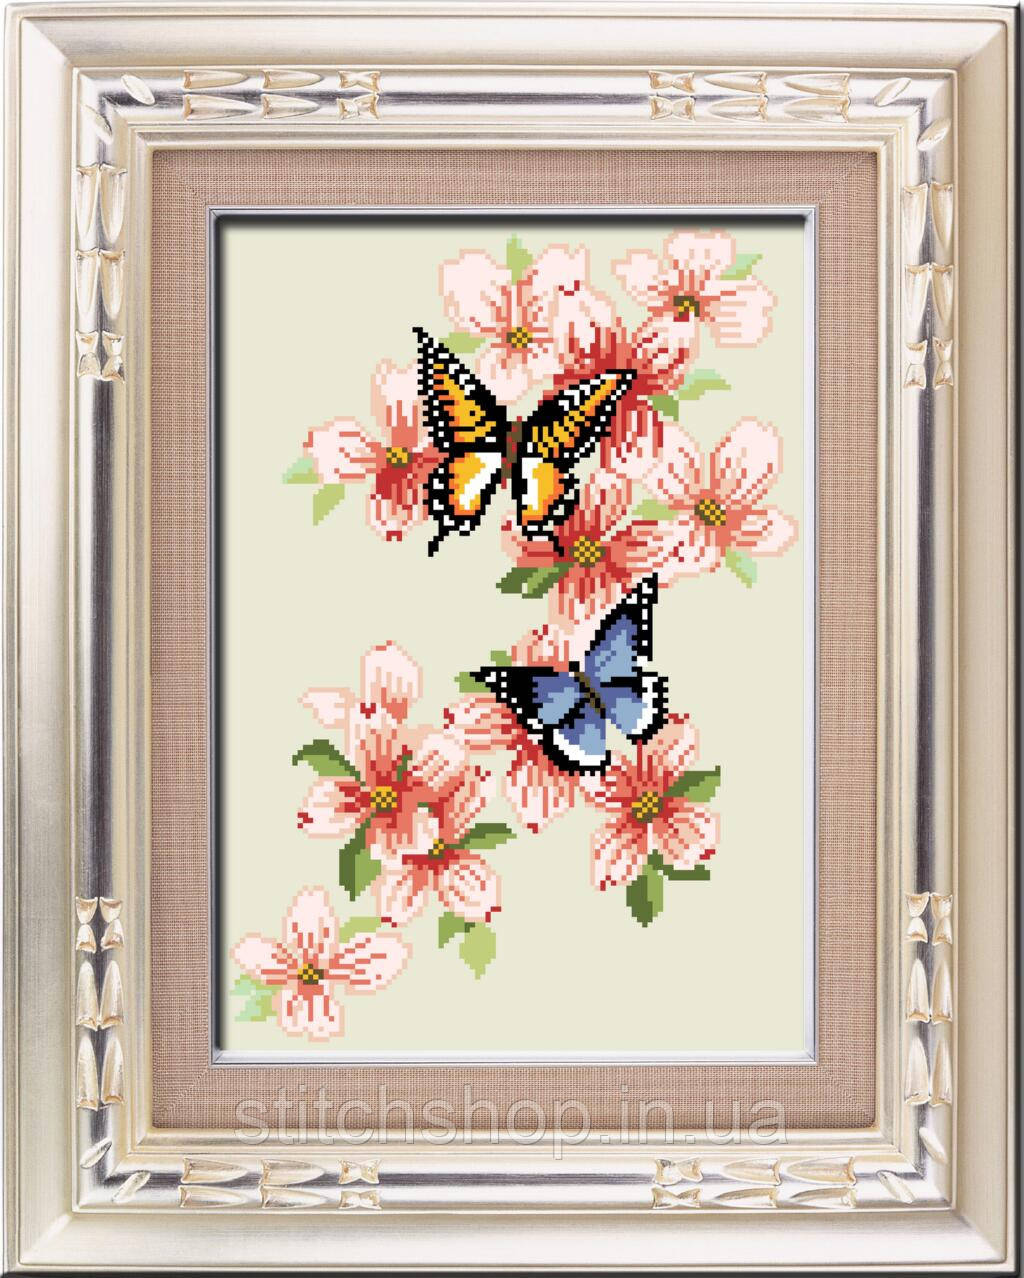 30118 Бабочки. Dream Art. Набор алмазной живописи (квадратные, полная). Рисование квадратными камнями на холсте